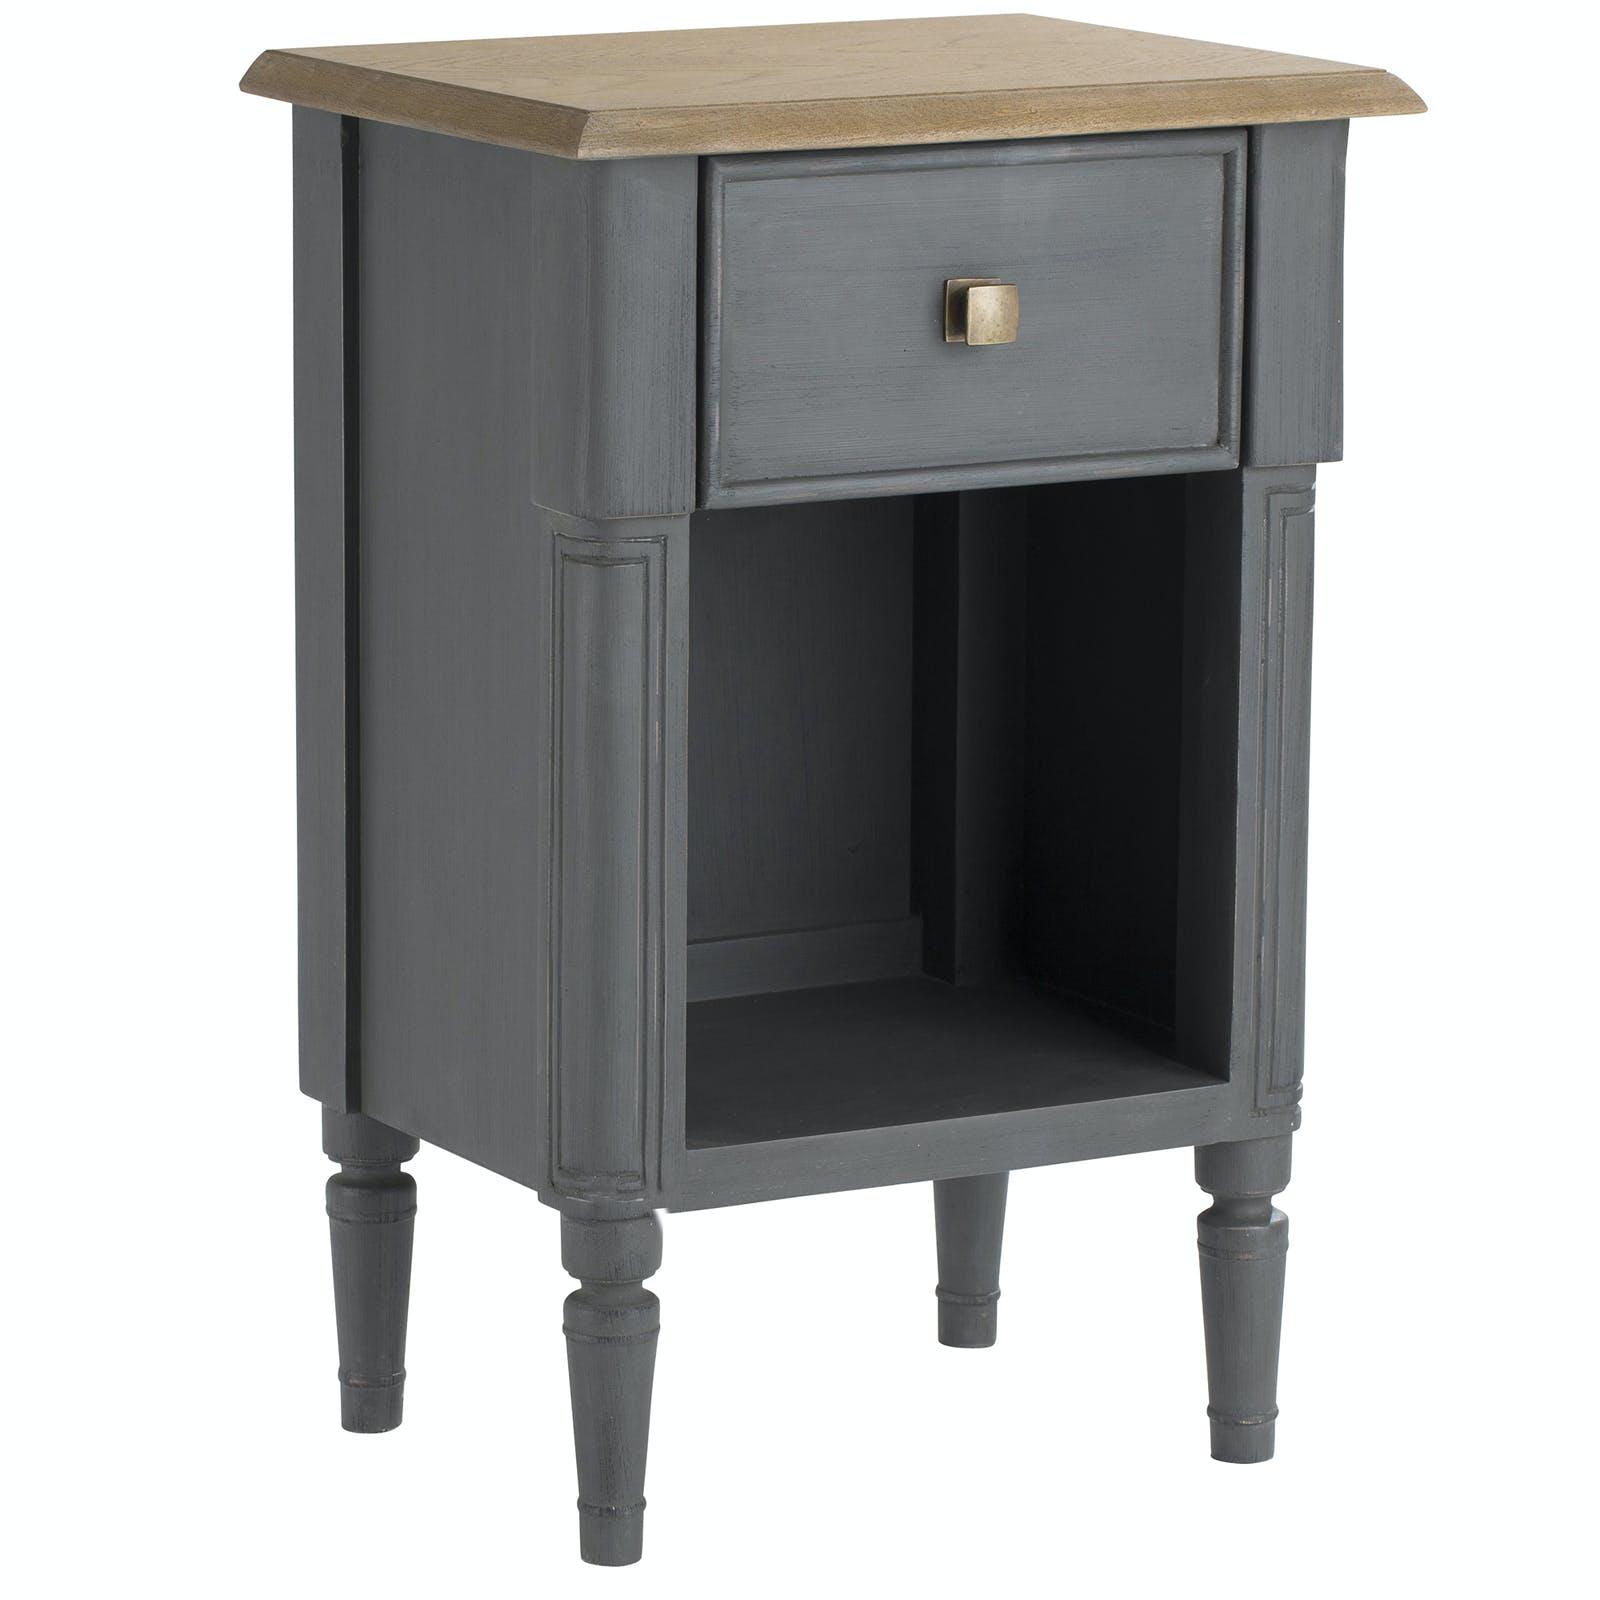 Table de chevet chêne grisé LEON 40x30cm AMADEUS